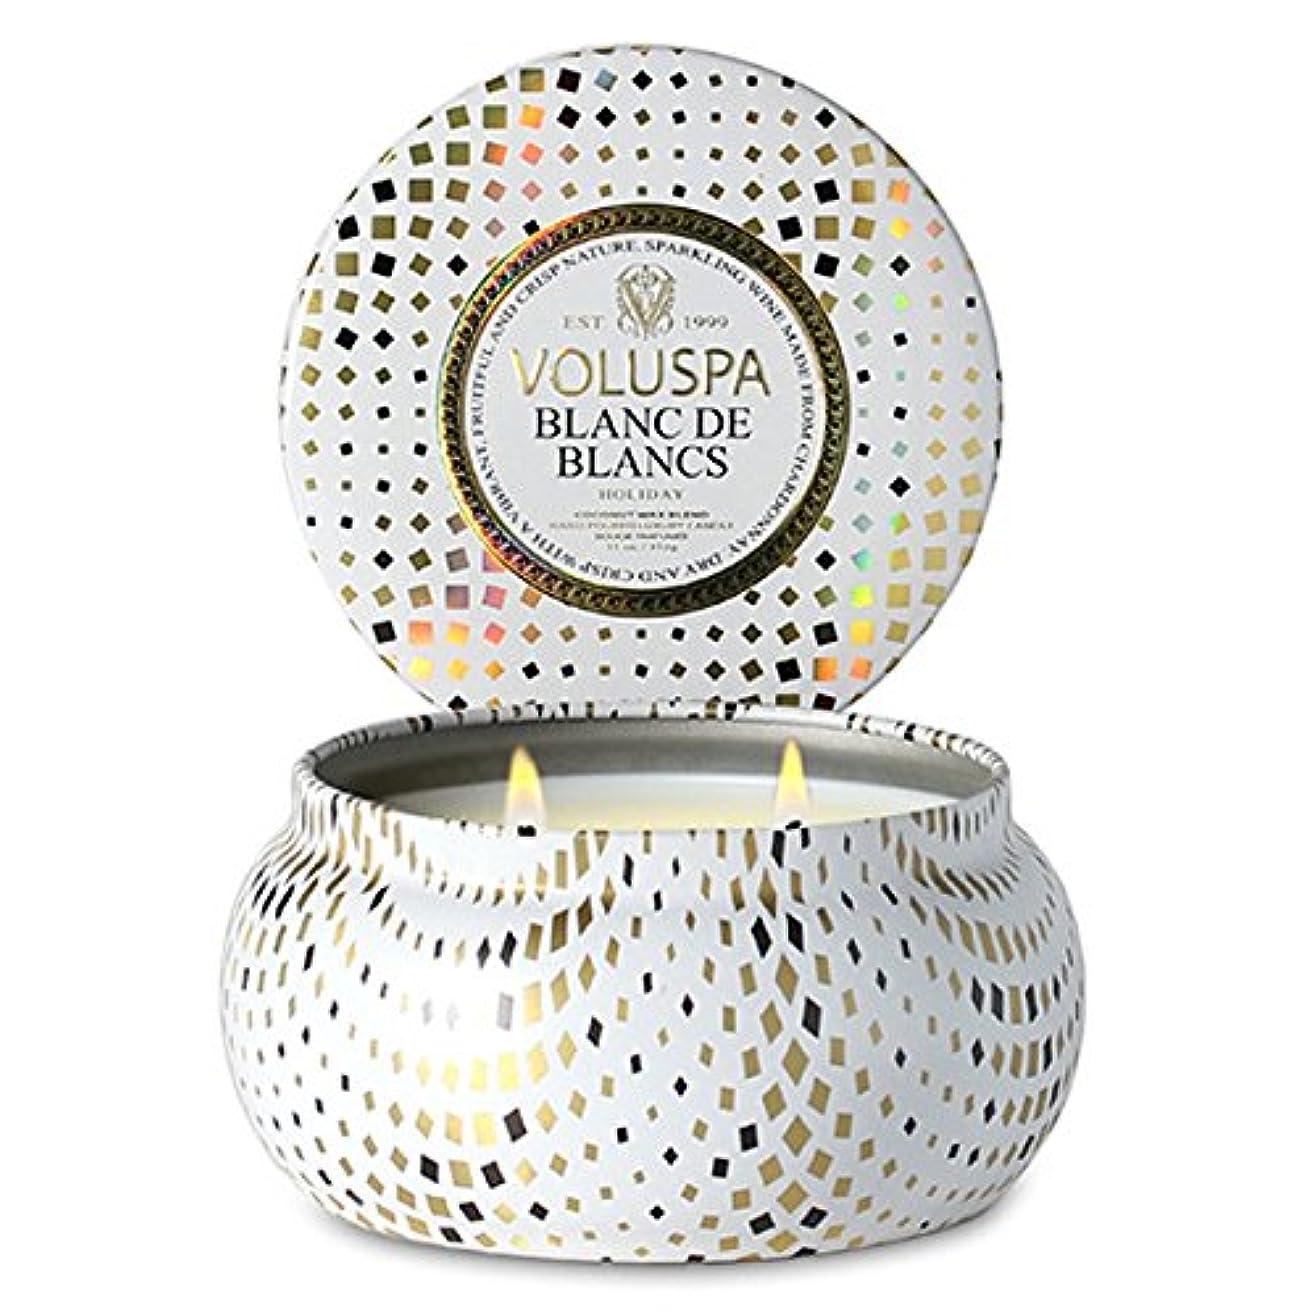 団結する増加するスリチンモイVoluspa ボルスパ メゾンホリデー 2-Wick ティンキャンドル ブラン ド ブラン BLANC DE BLANCS MASION HOLIDAY 2-ウィック Tin Glass Candle